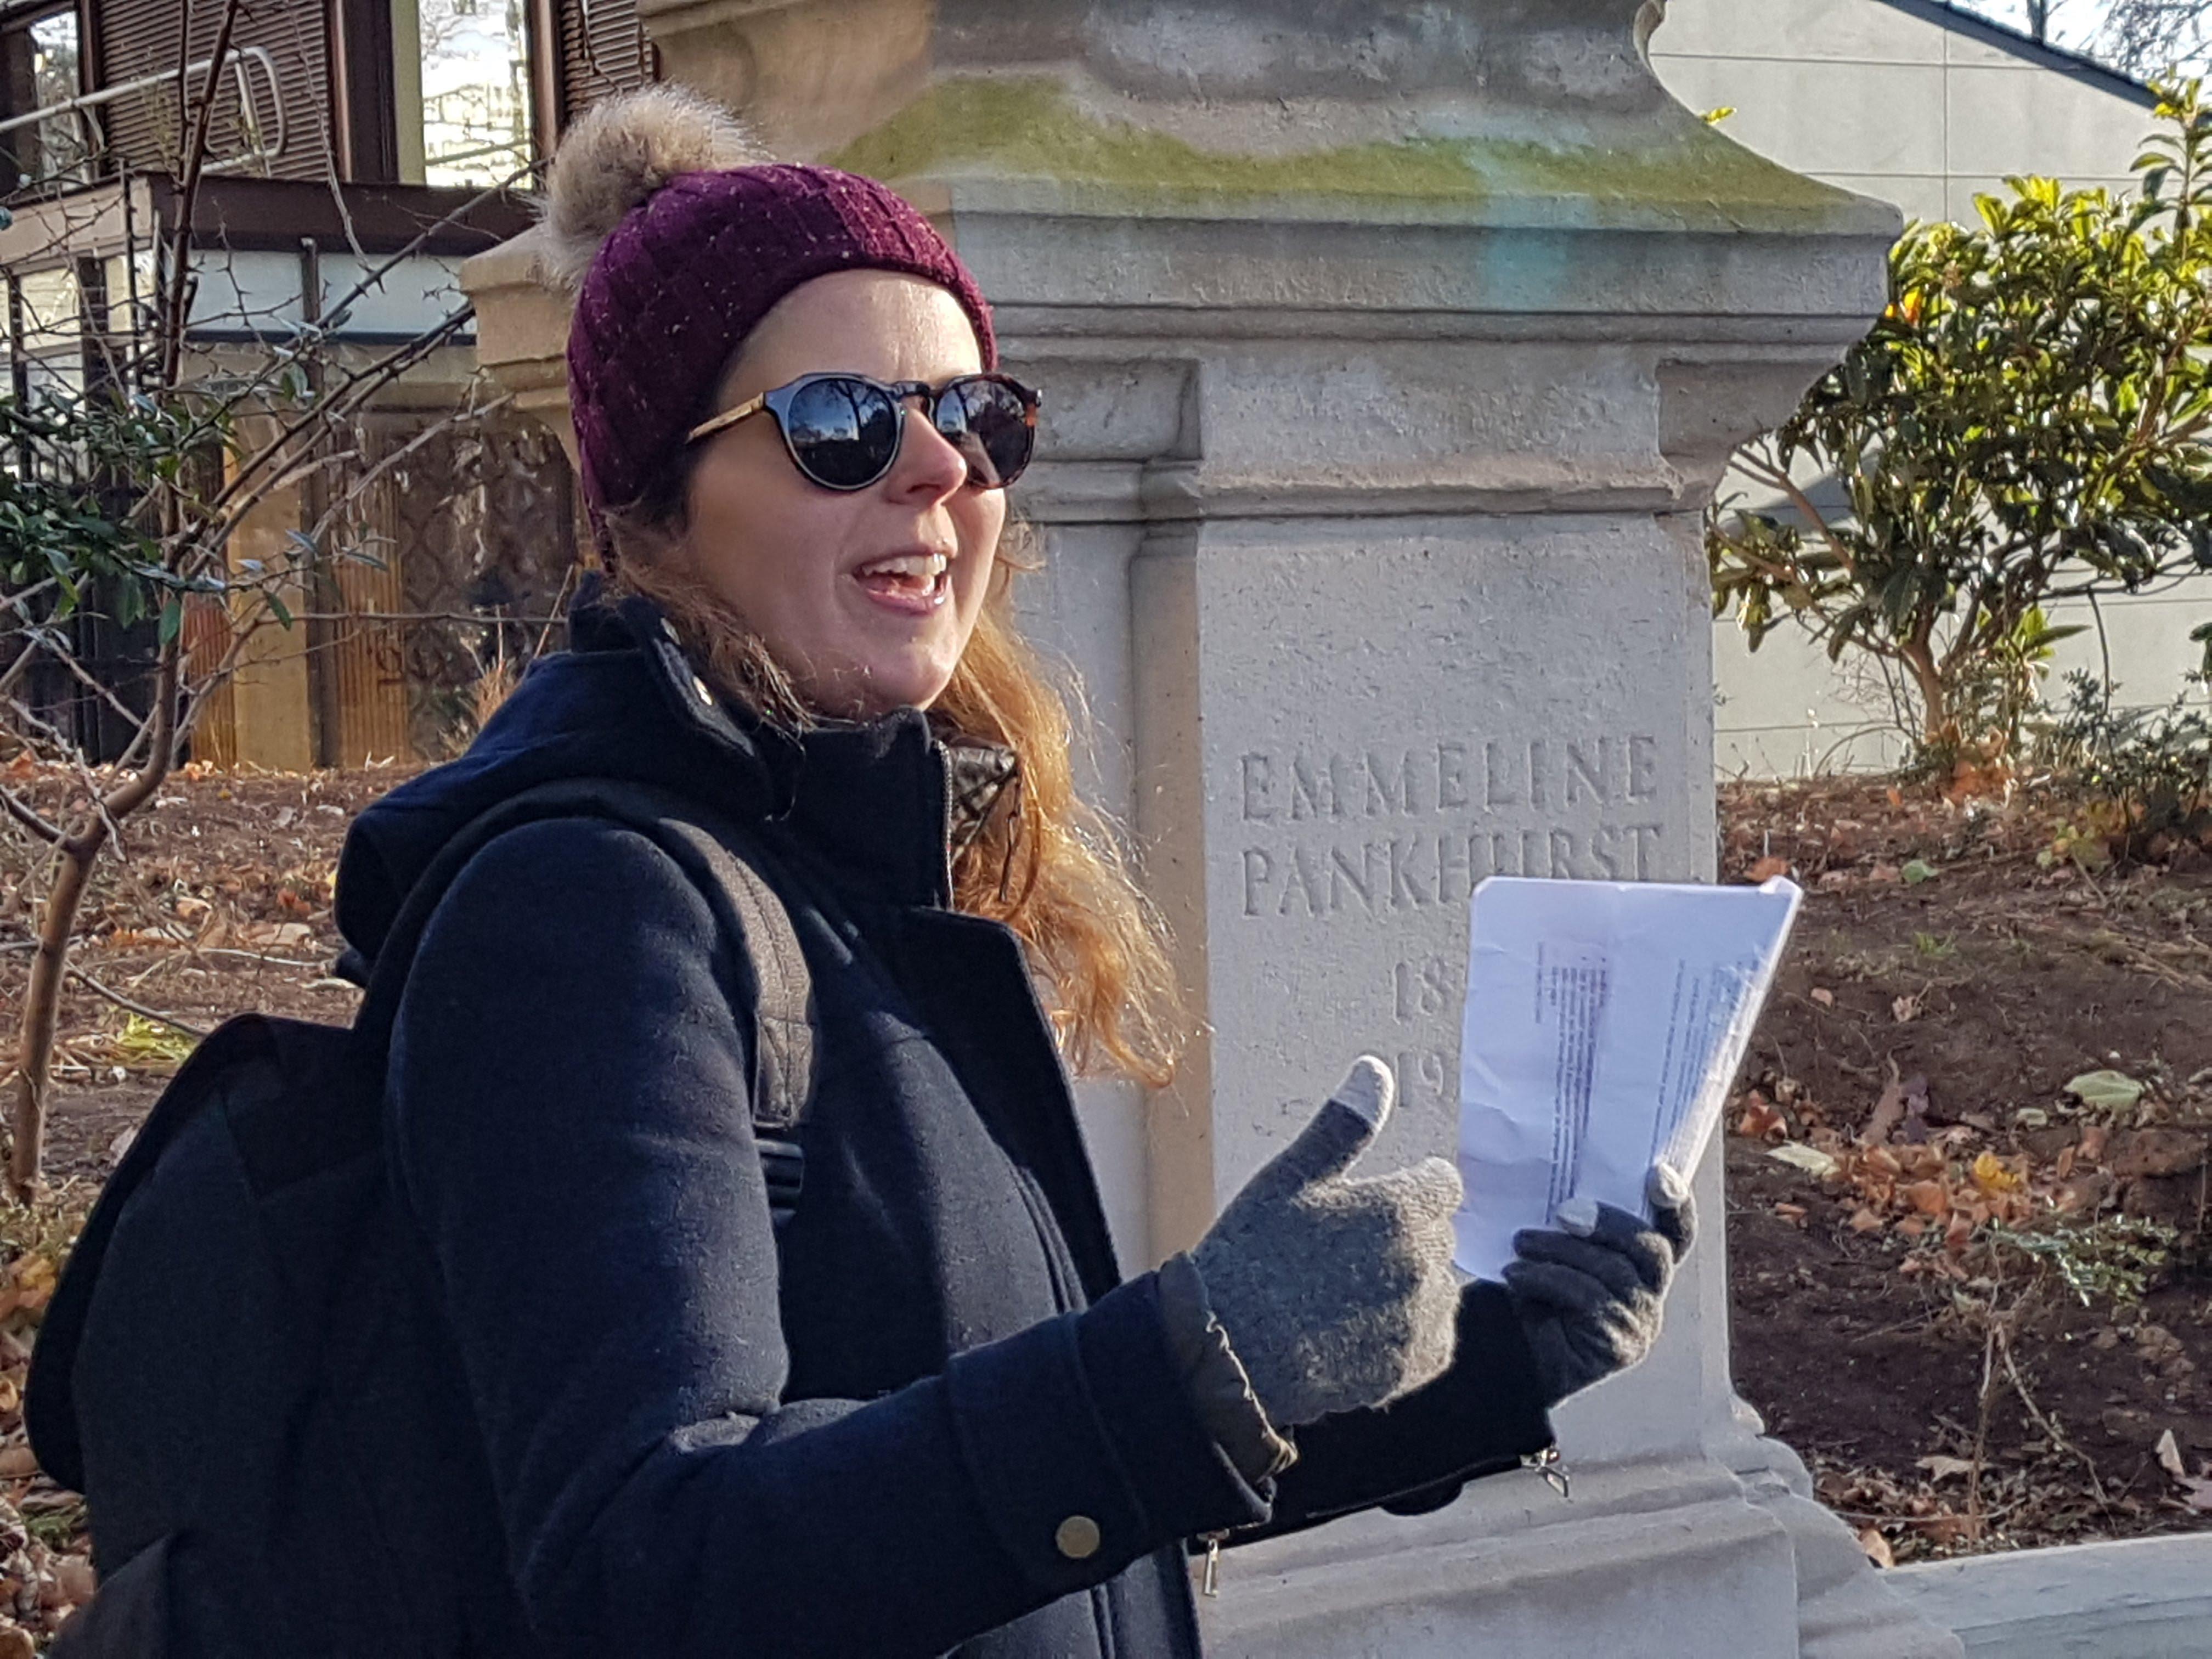 Helô Righetto mulher falando sobre emeline pankhurst uma das suffragettes ao lado de uma estátua ao lado do parlamento britânico